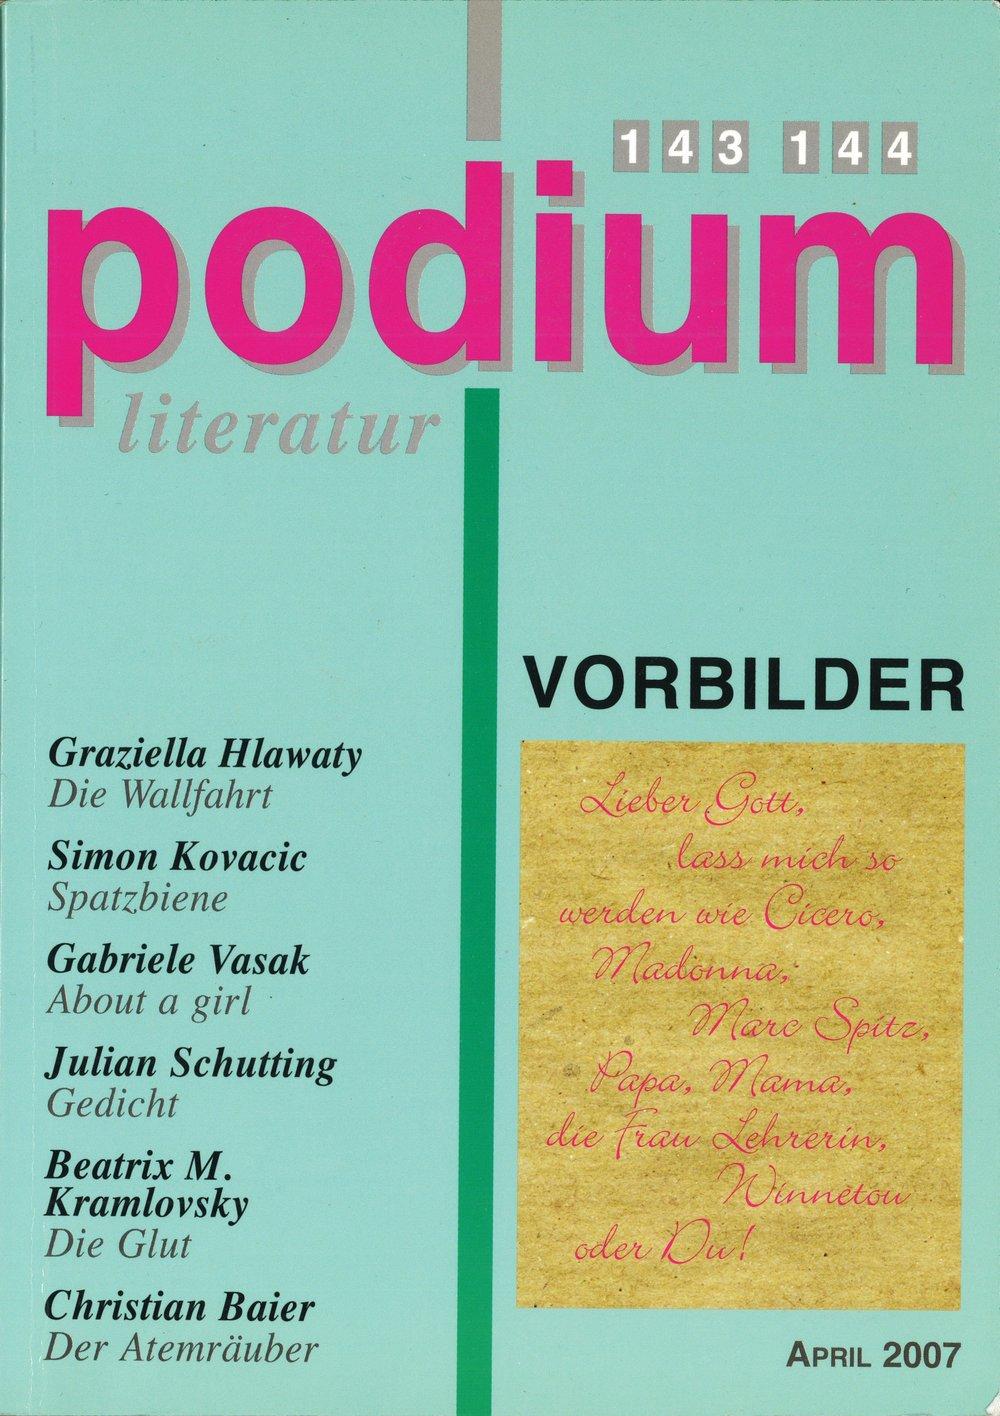 PODIUM_COVER_mini.jpg